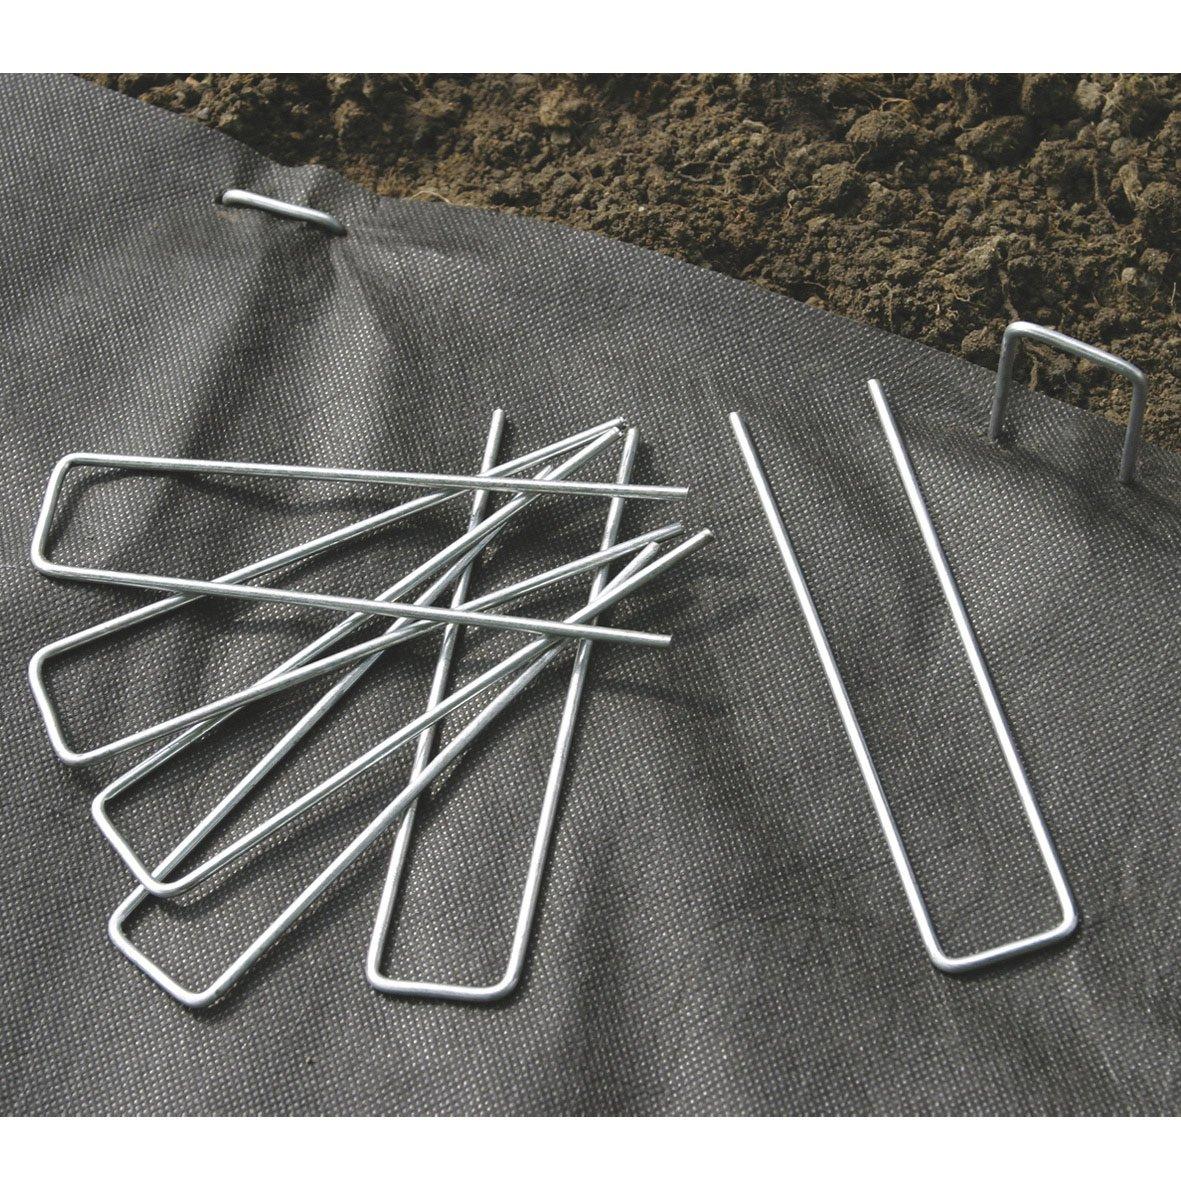 Bache Plastique Leroy Merlin Meilleur De Galerie Plastique Leroy Merlin 7 Avec Lot De 10 Agrafes M Talliques